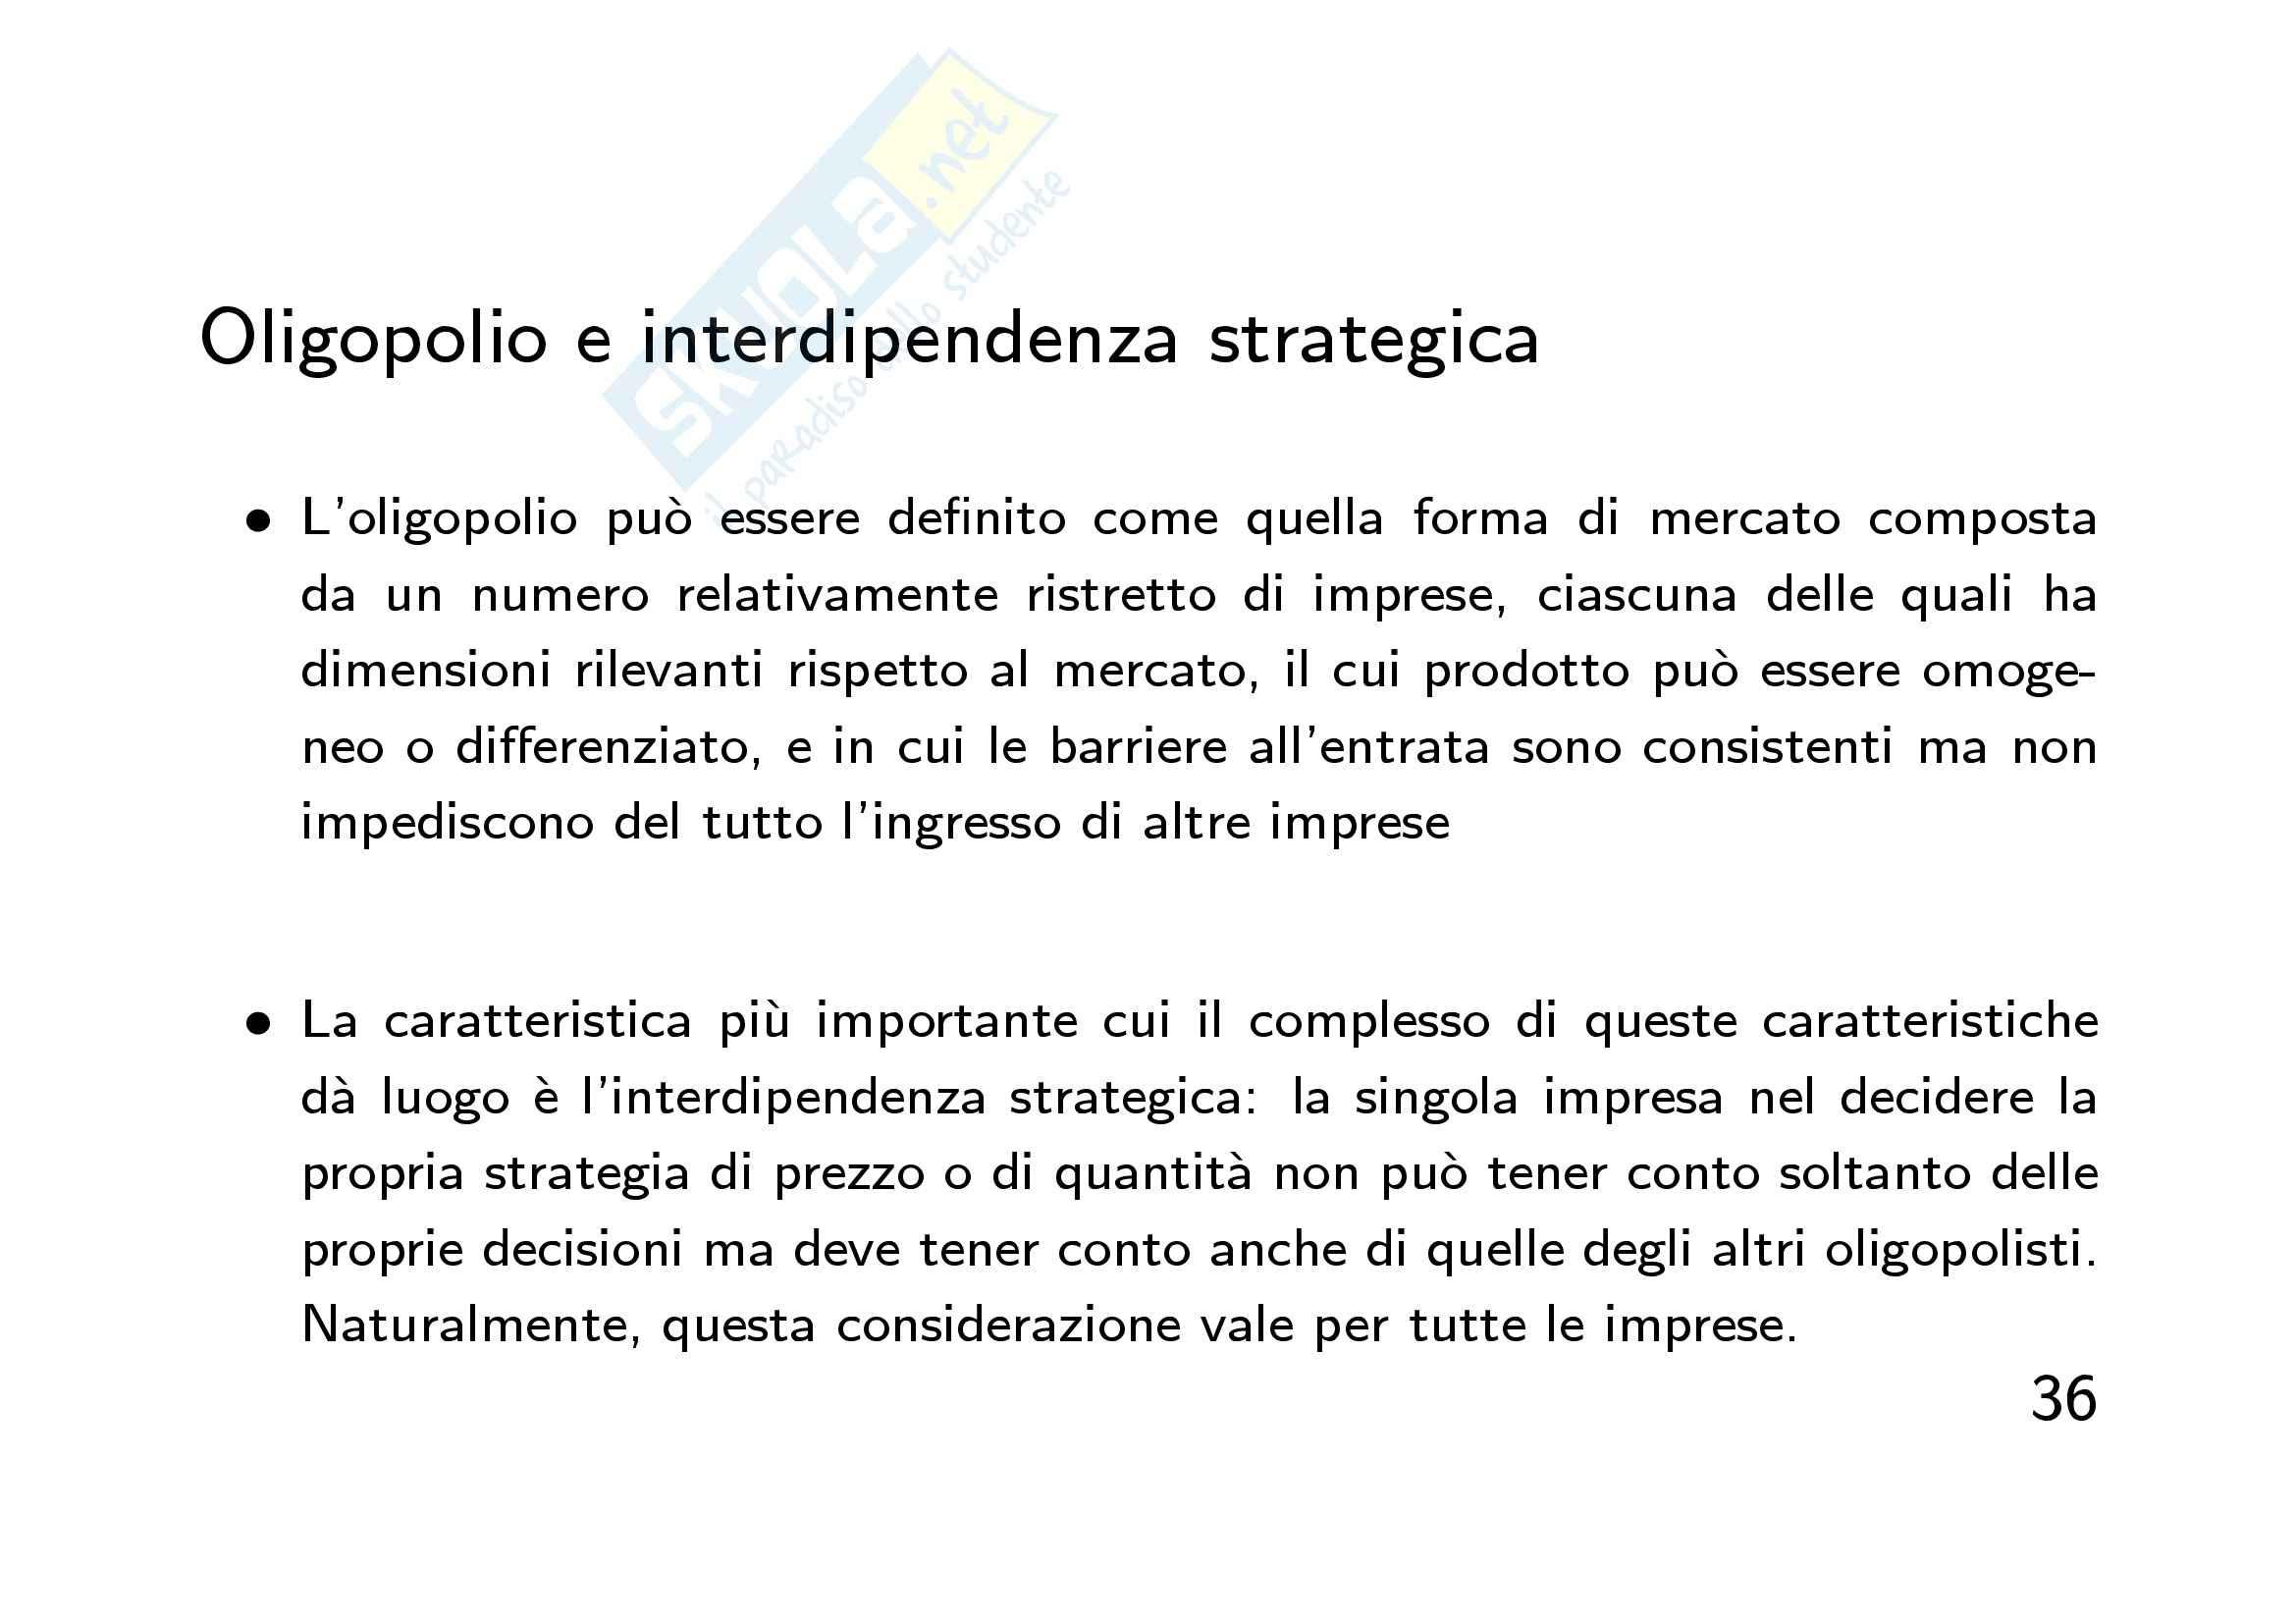 Economia finanziaria - la  mano invisibile Pag. 36